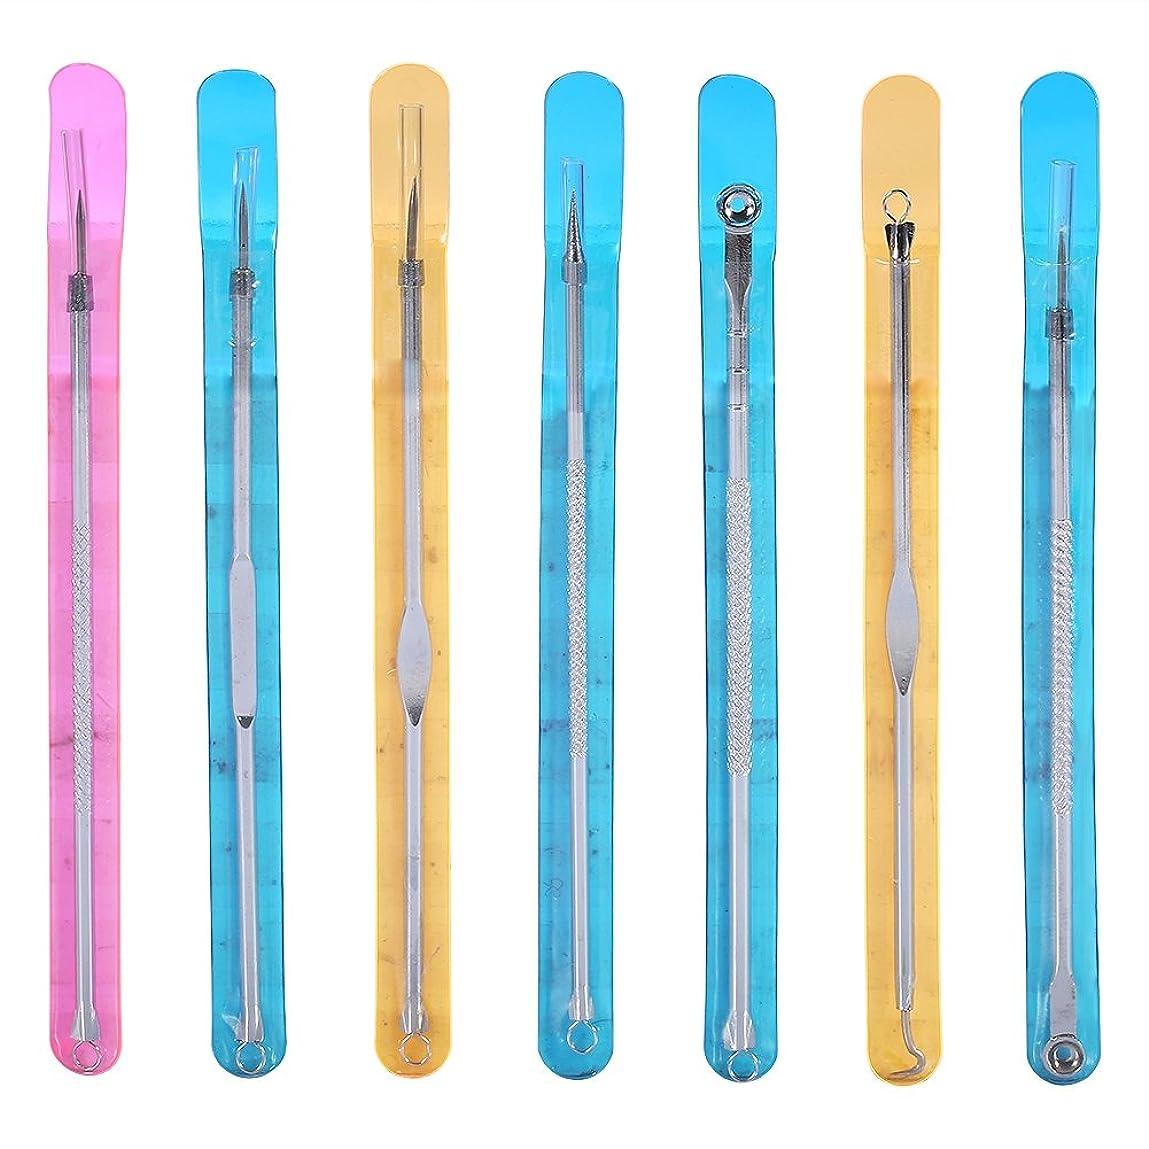 真剣に基礎理論大通り毛穴ケア専用キット - Dewin 針 ニキビ、ニキビ取り、ステンレス製、抗菌、多機能、初心者、7本セット、シルバー